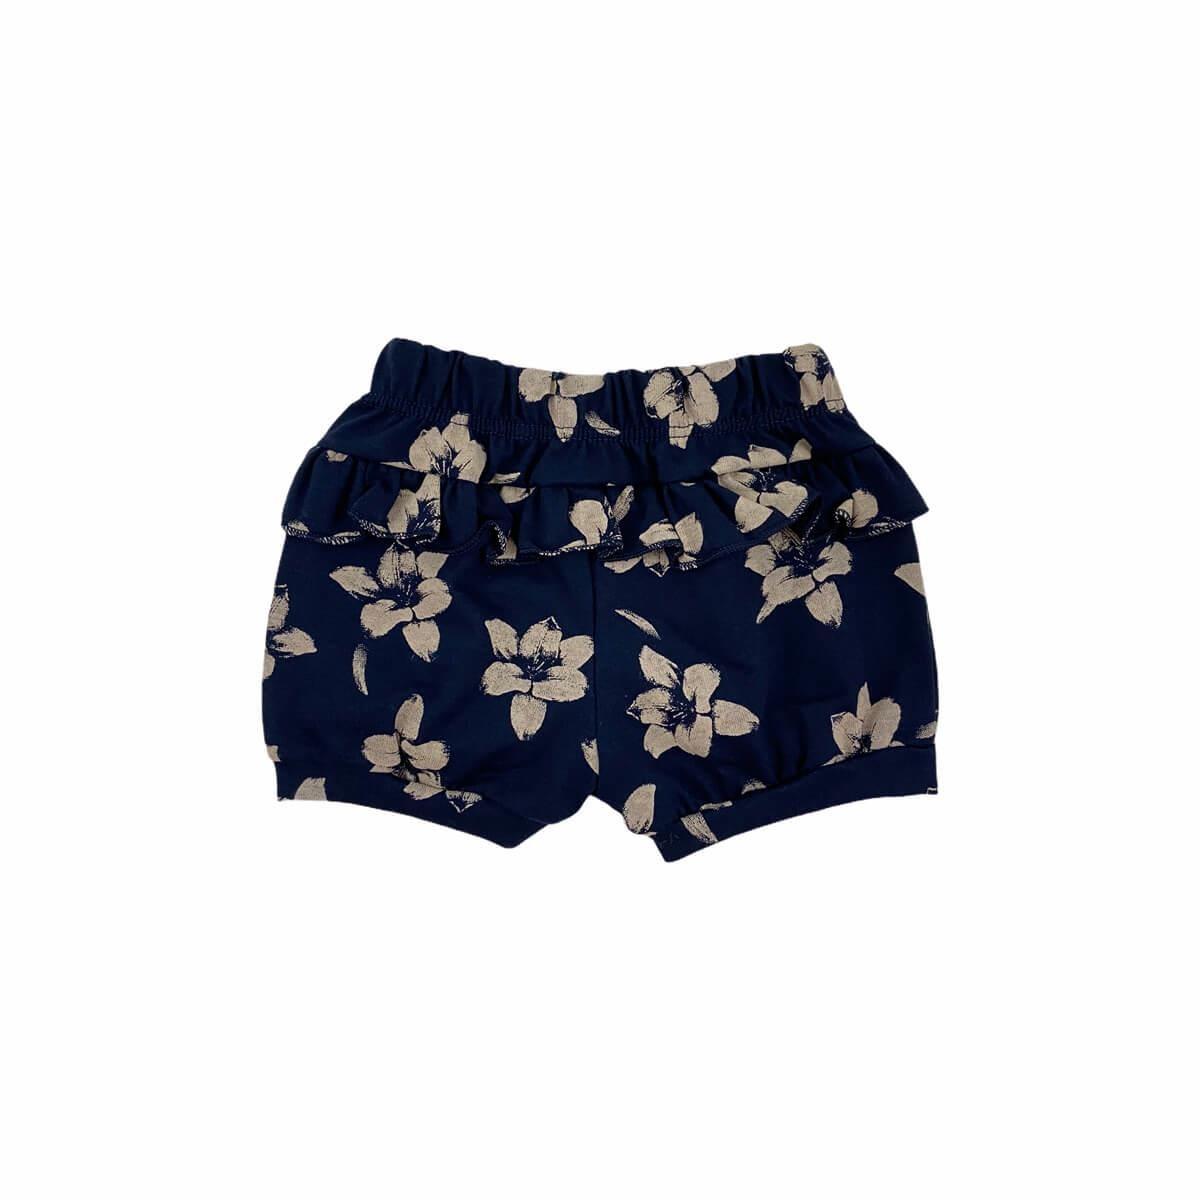 Shorts Feminino Floral Marinho Meia Malha 100% Algodão